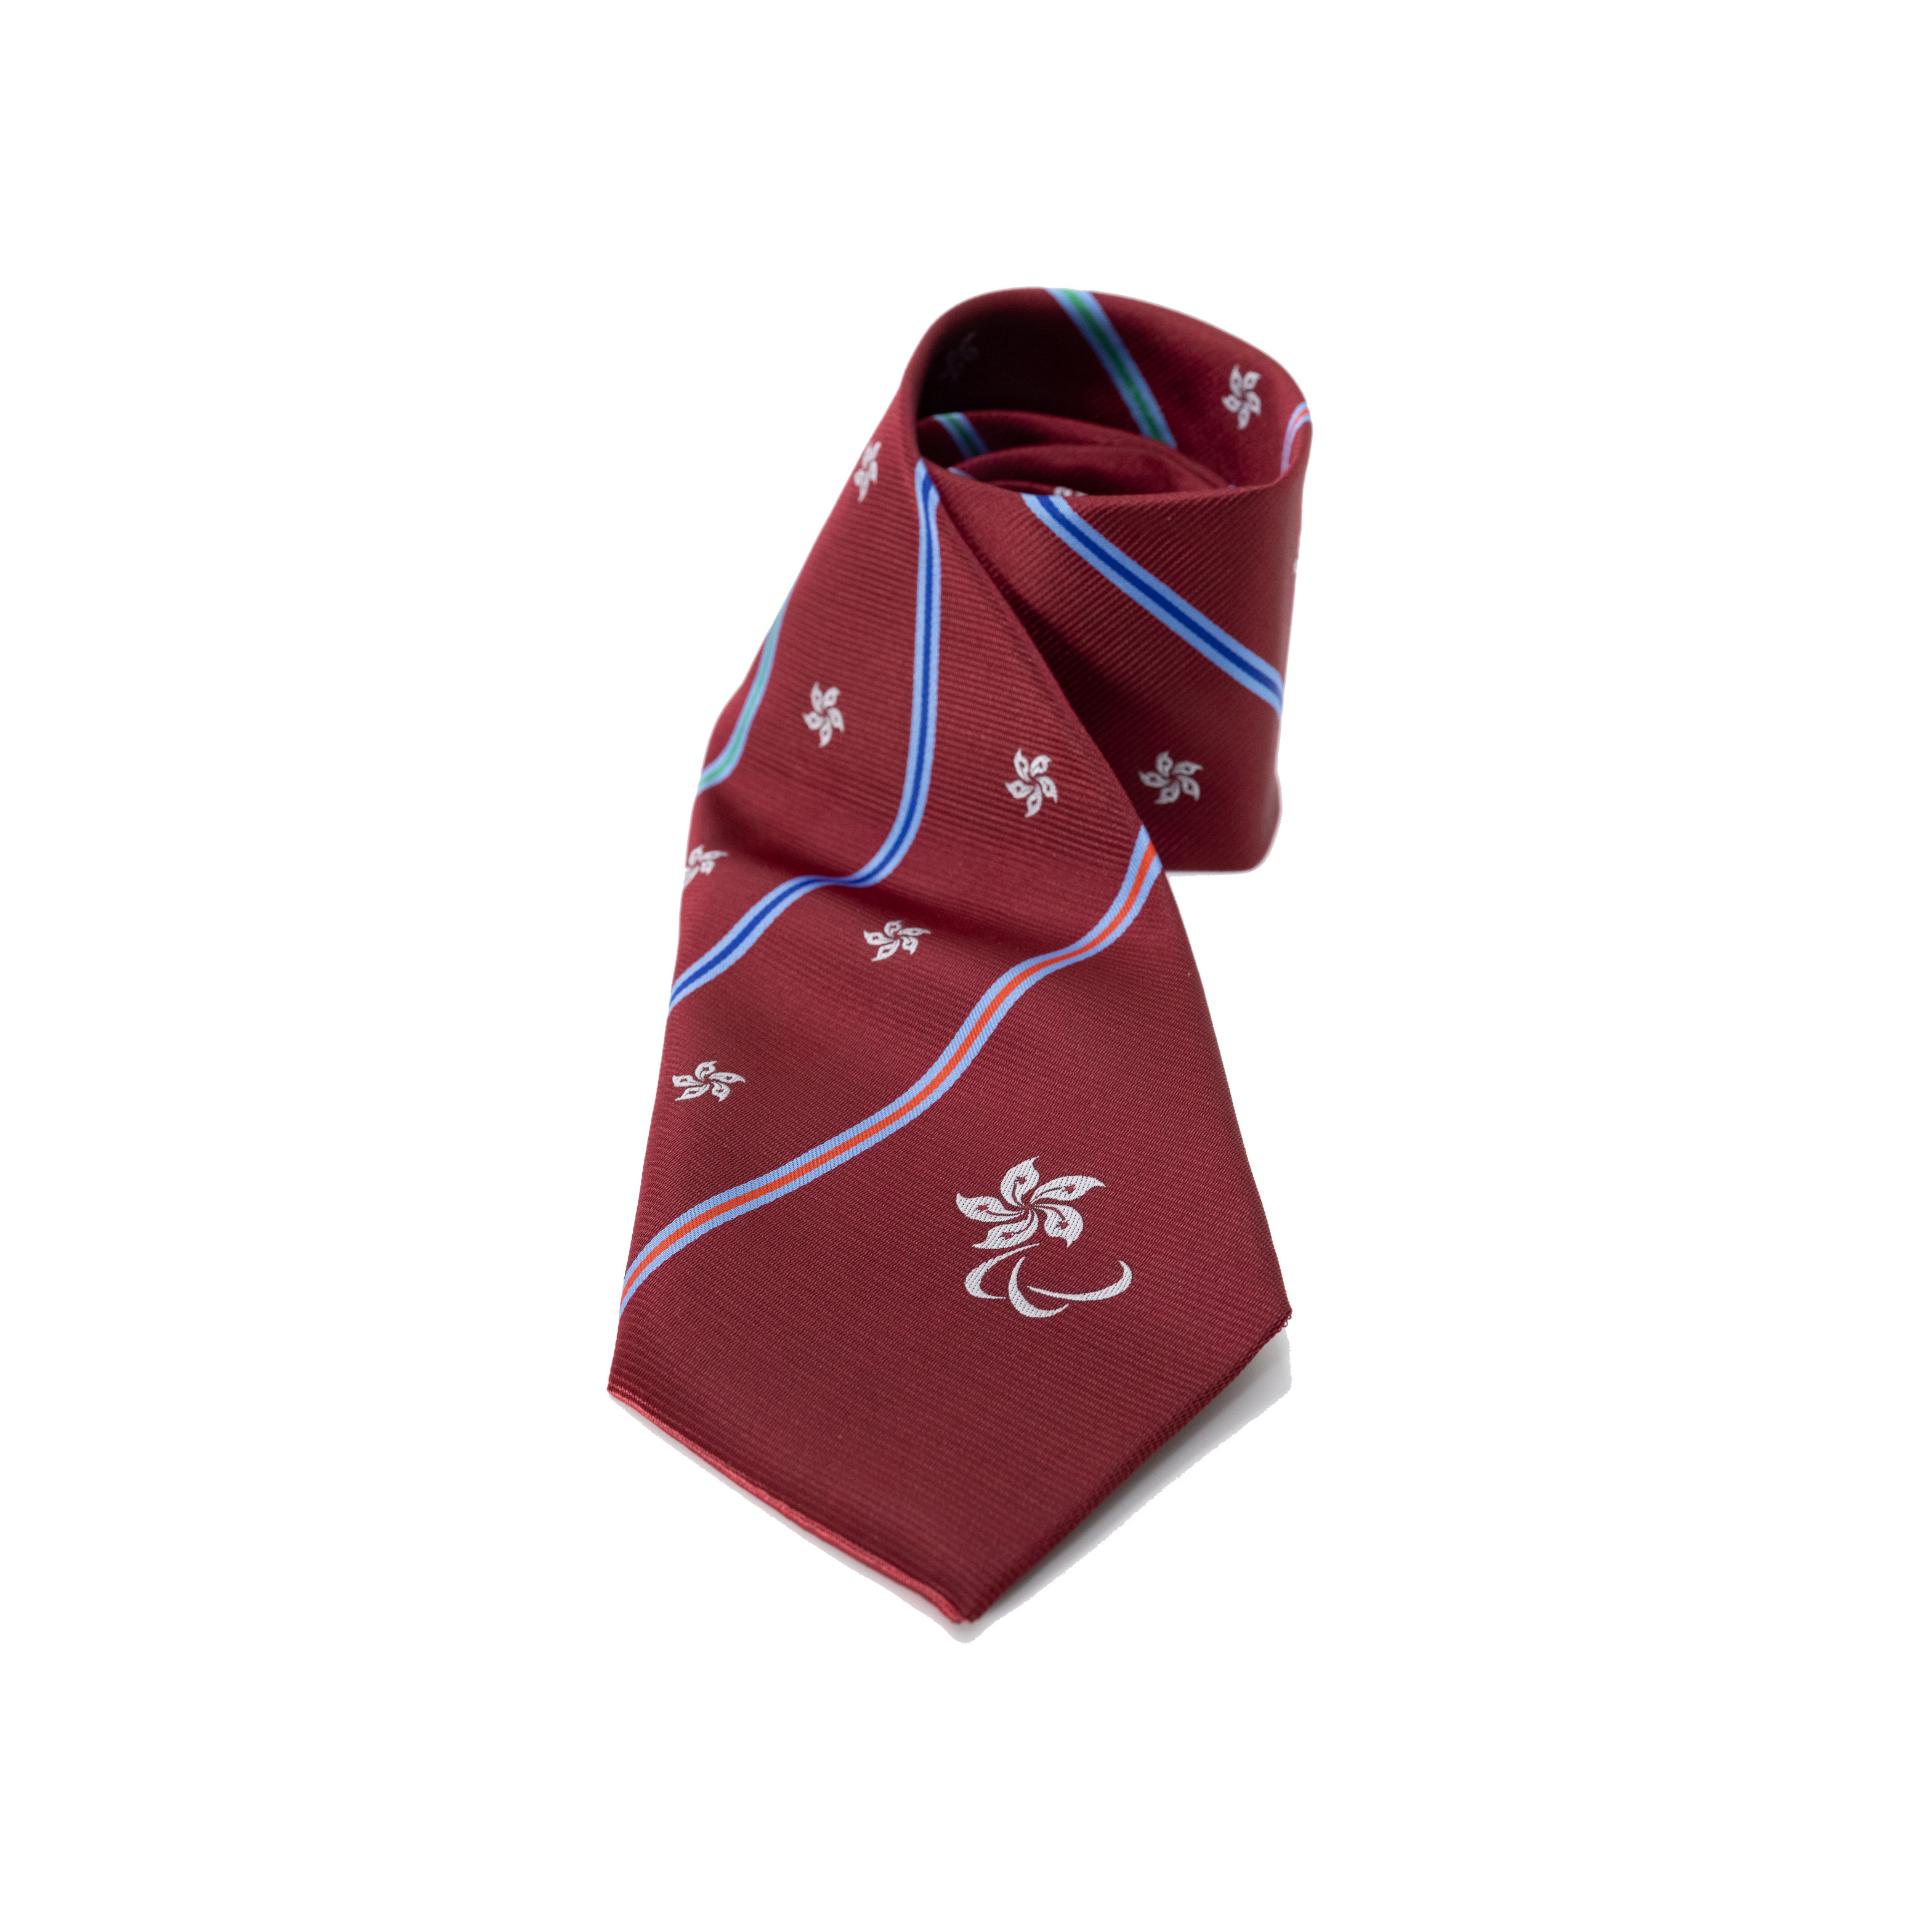 領帶(紅)